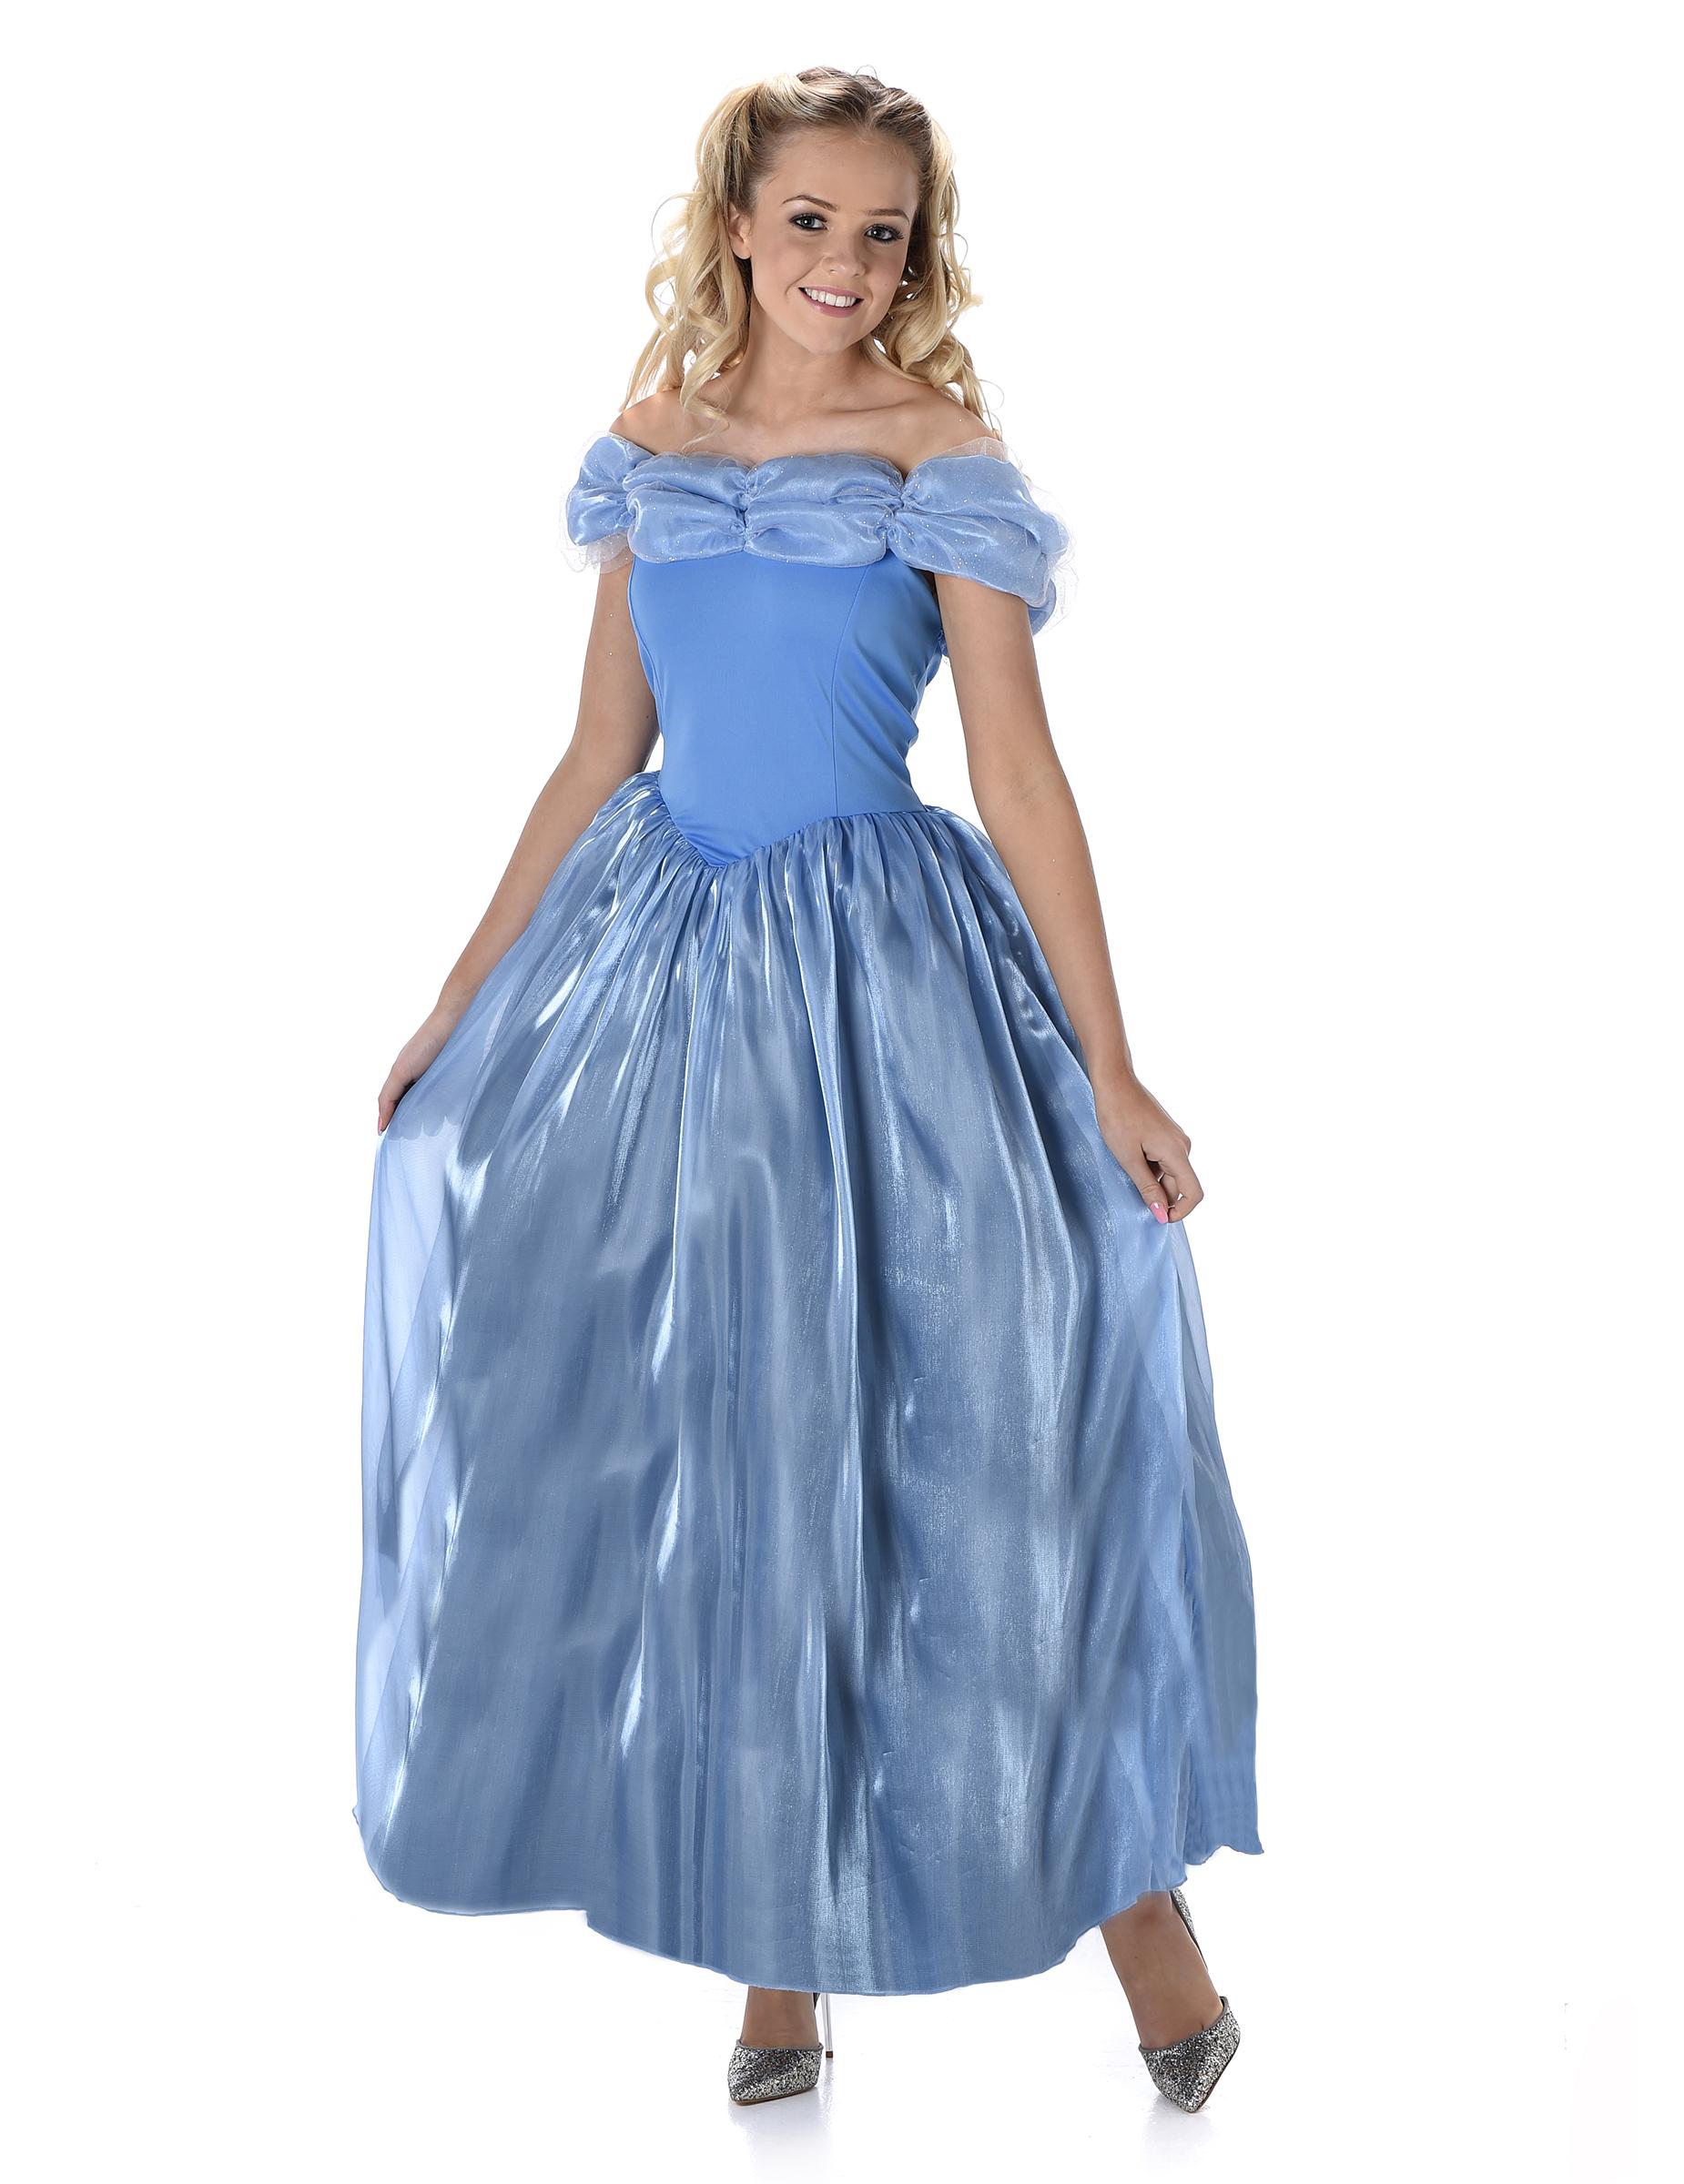 8791b5e8b4a4 Costume da principessa di mezzanotte donna